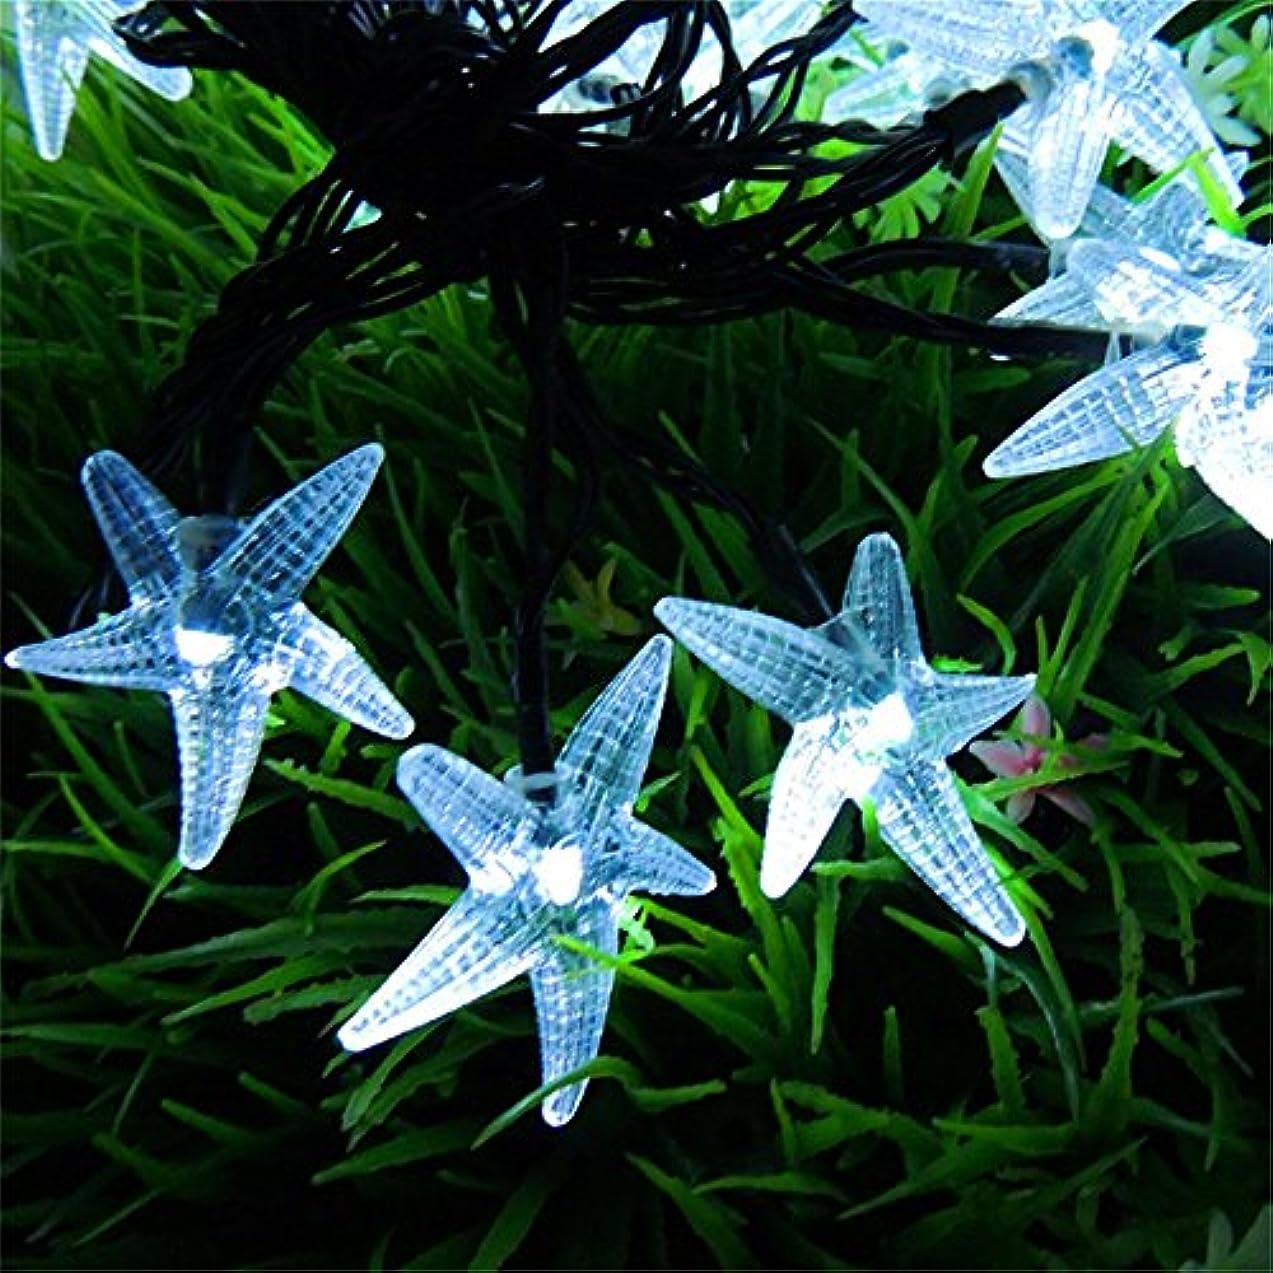 放射する摘む不和ソーラーストリングライト、SIMPLE DO LEDライト イルミネーション クリスマス パーティー 防水 省エネ 環境に優しい 使いやすい カラフル(ホワイト)